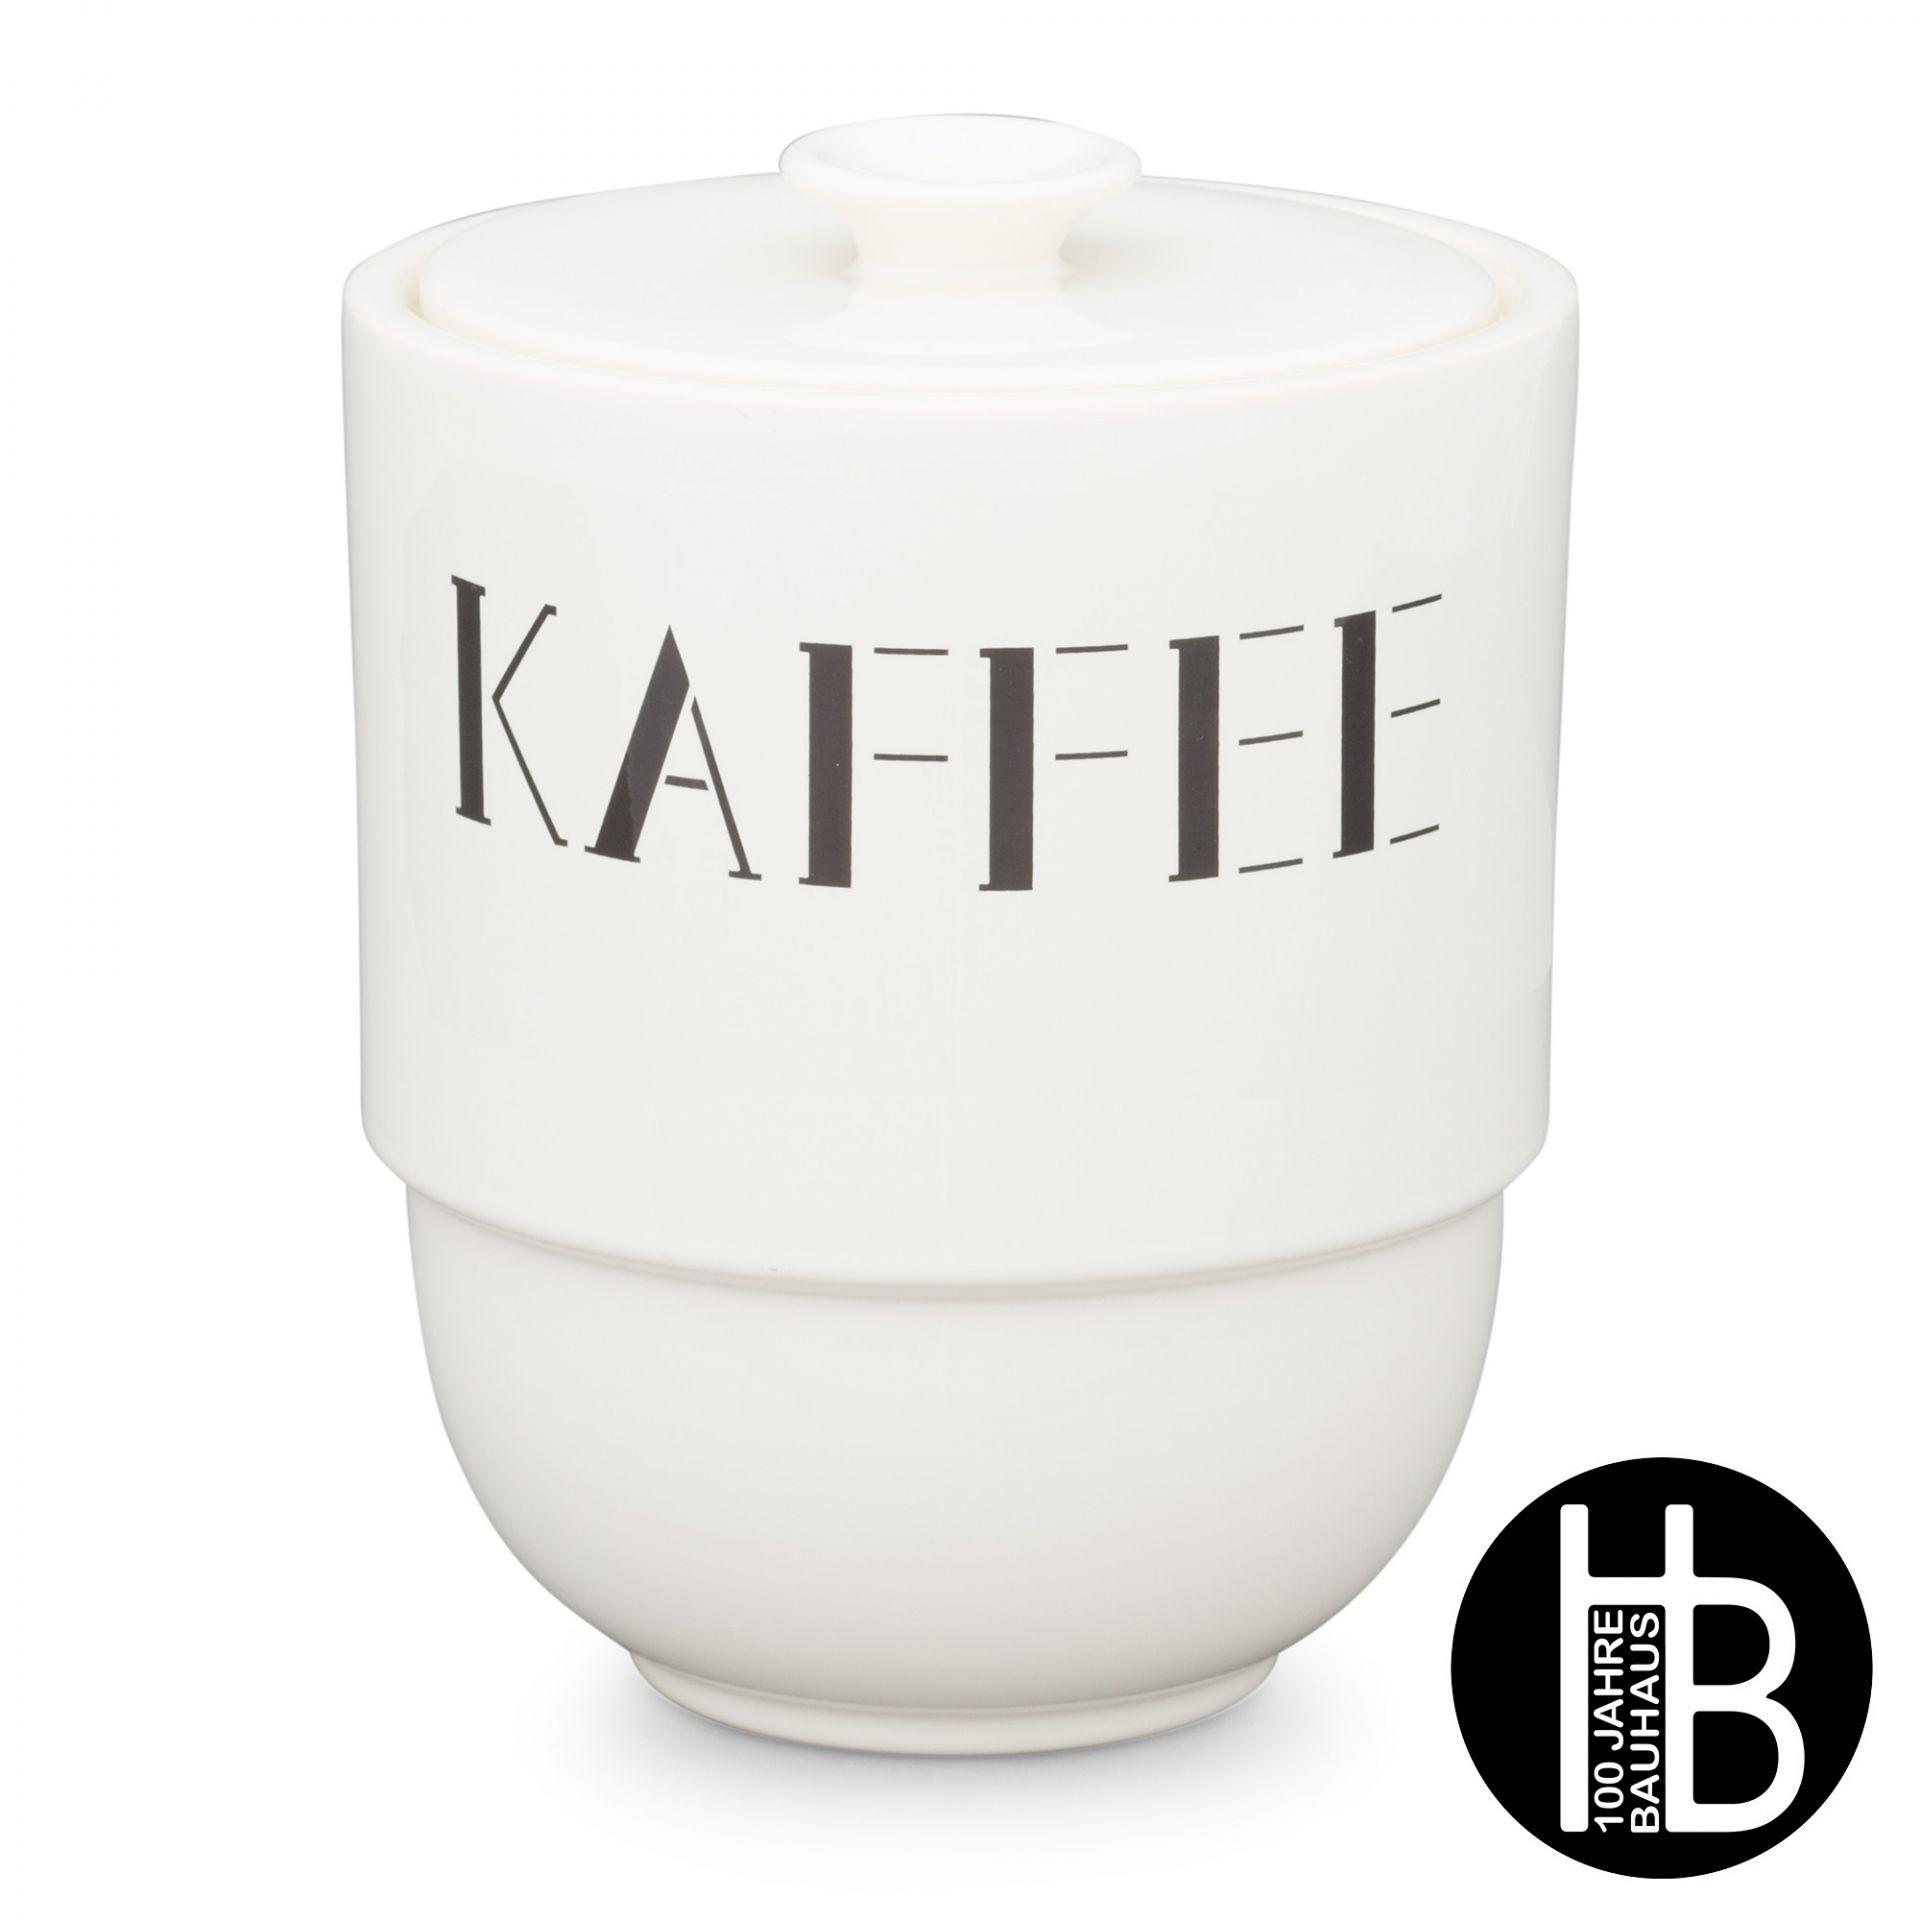 Bogler container 1923B Bauhaus Hedwig Bollhagen Kaffee